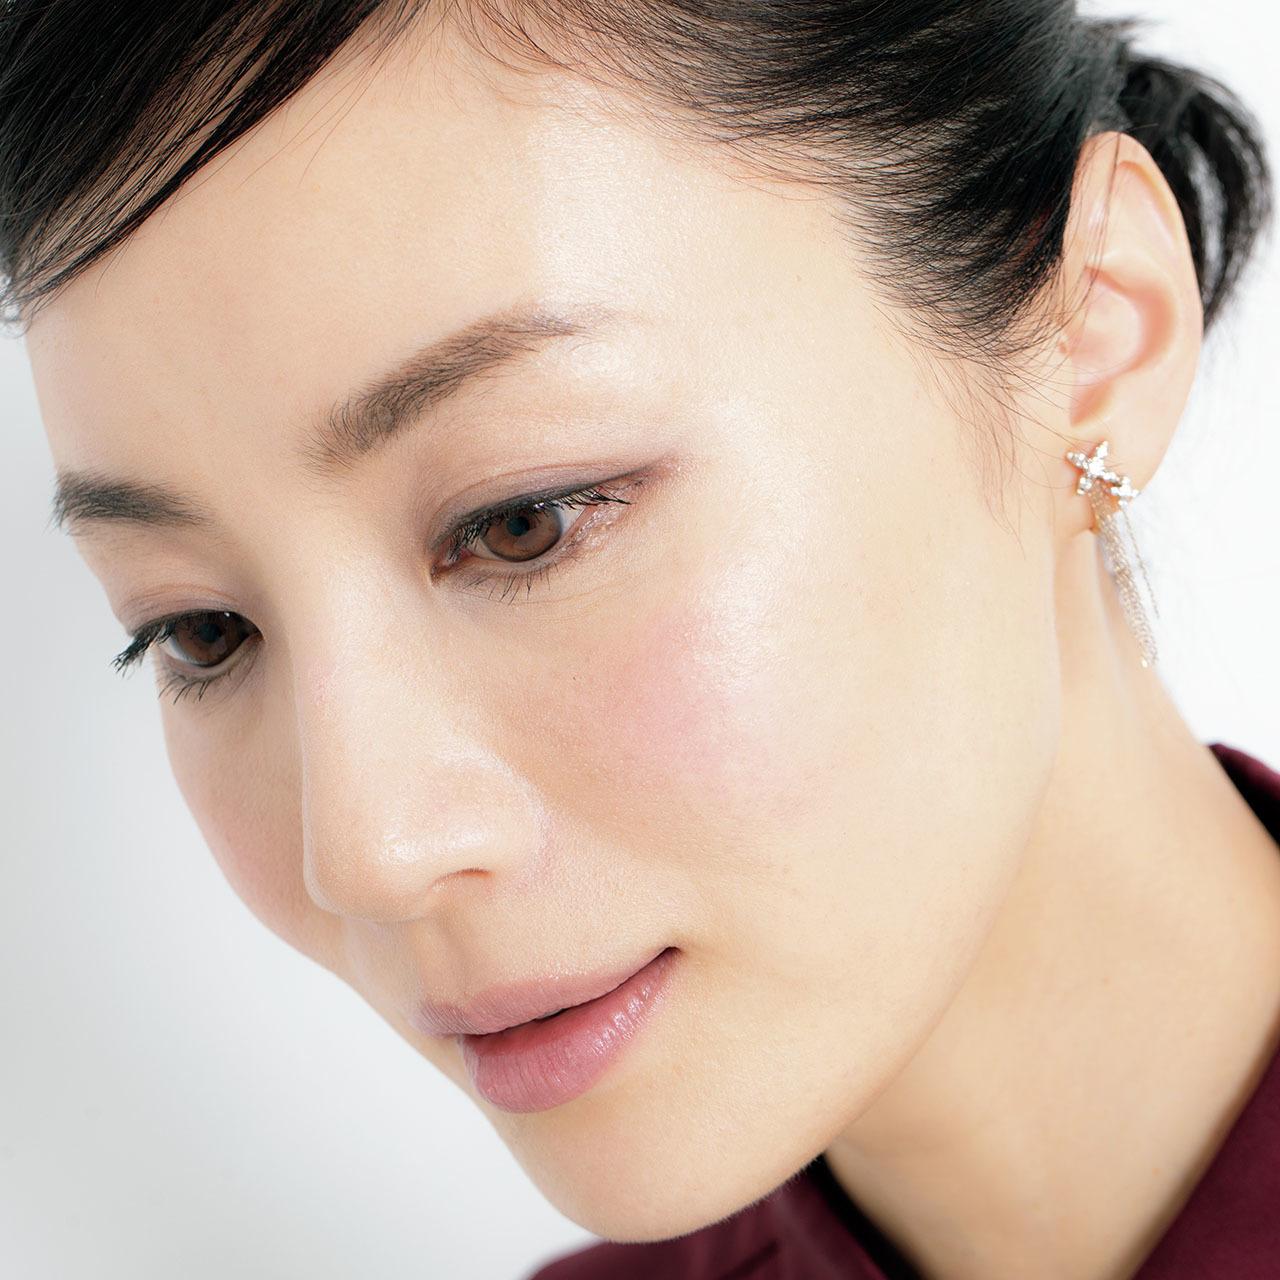 藤原美智子が指南、大人の魅力をきわだたせるメイクテクニック 五選_4_1-2